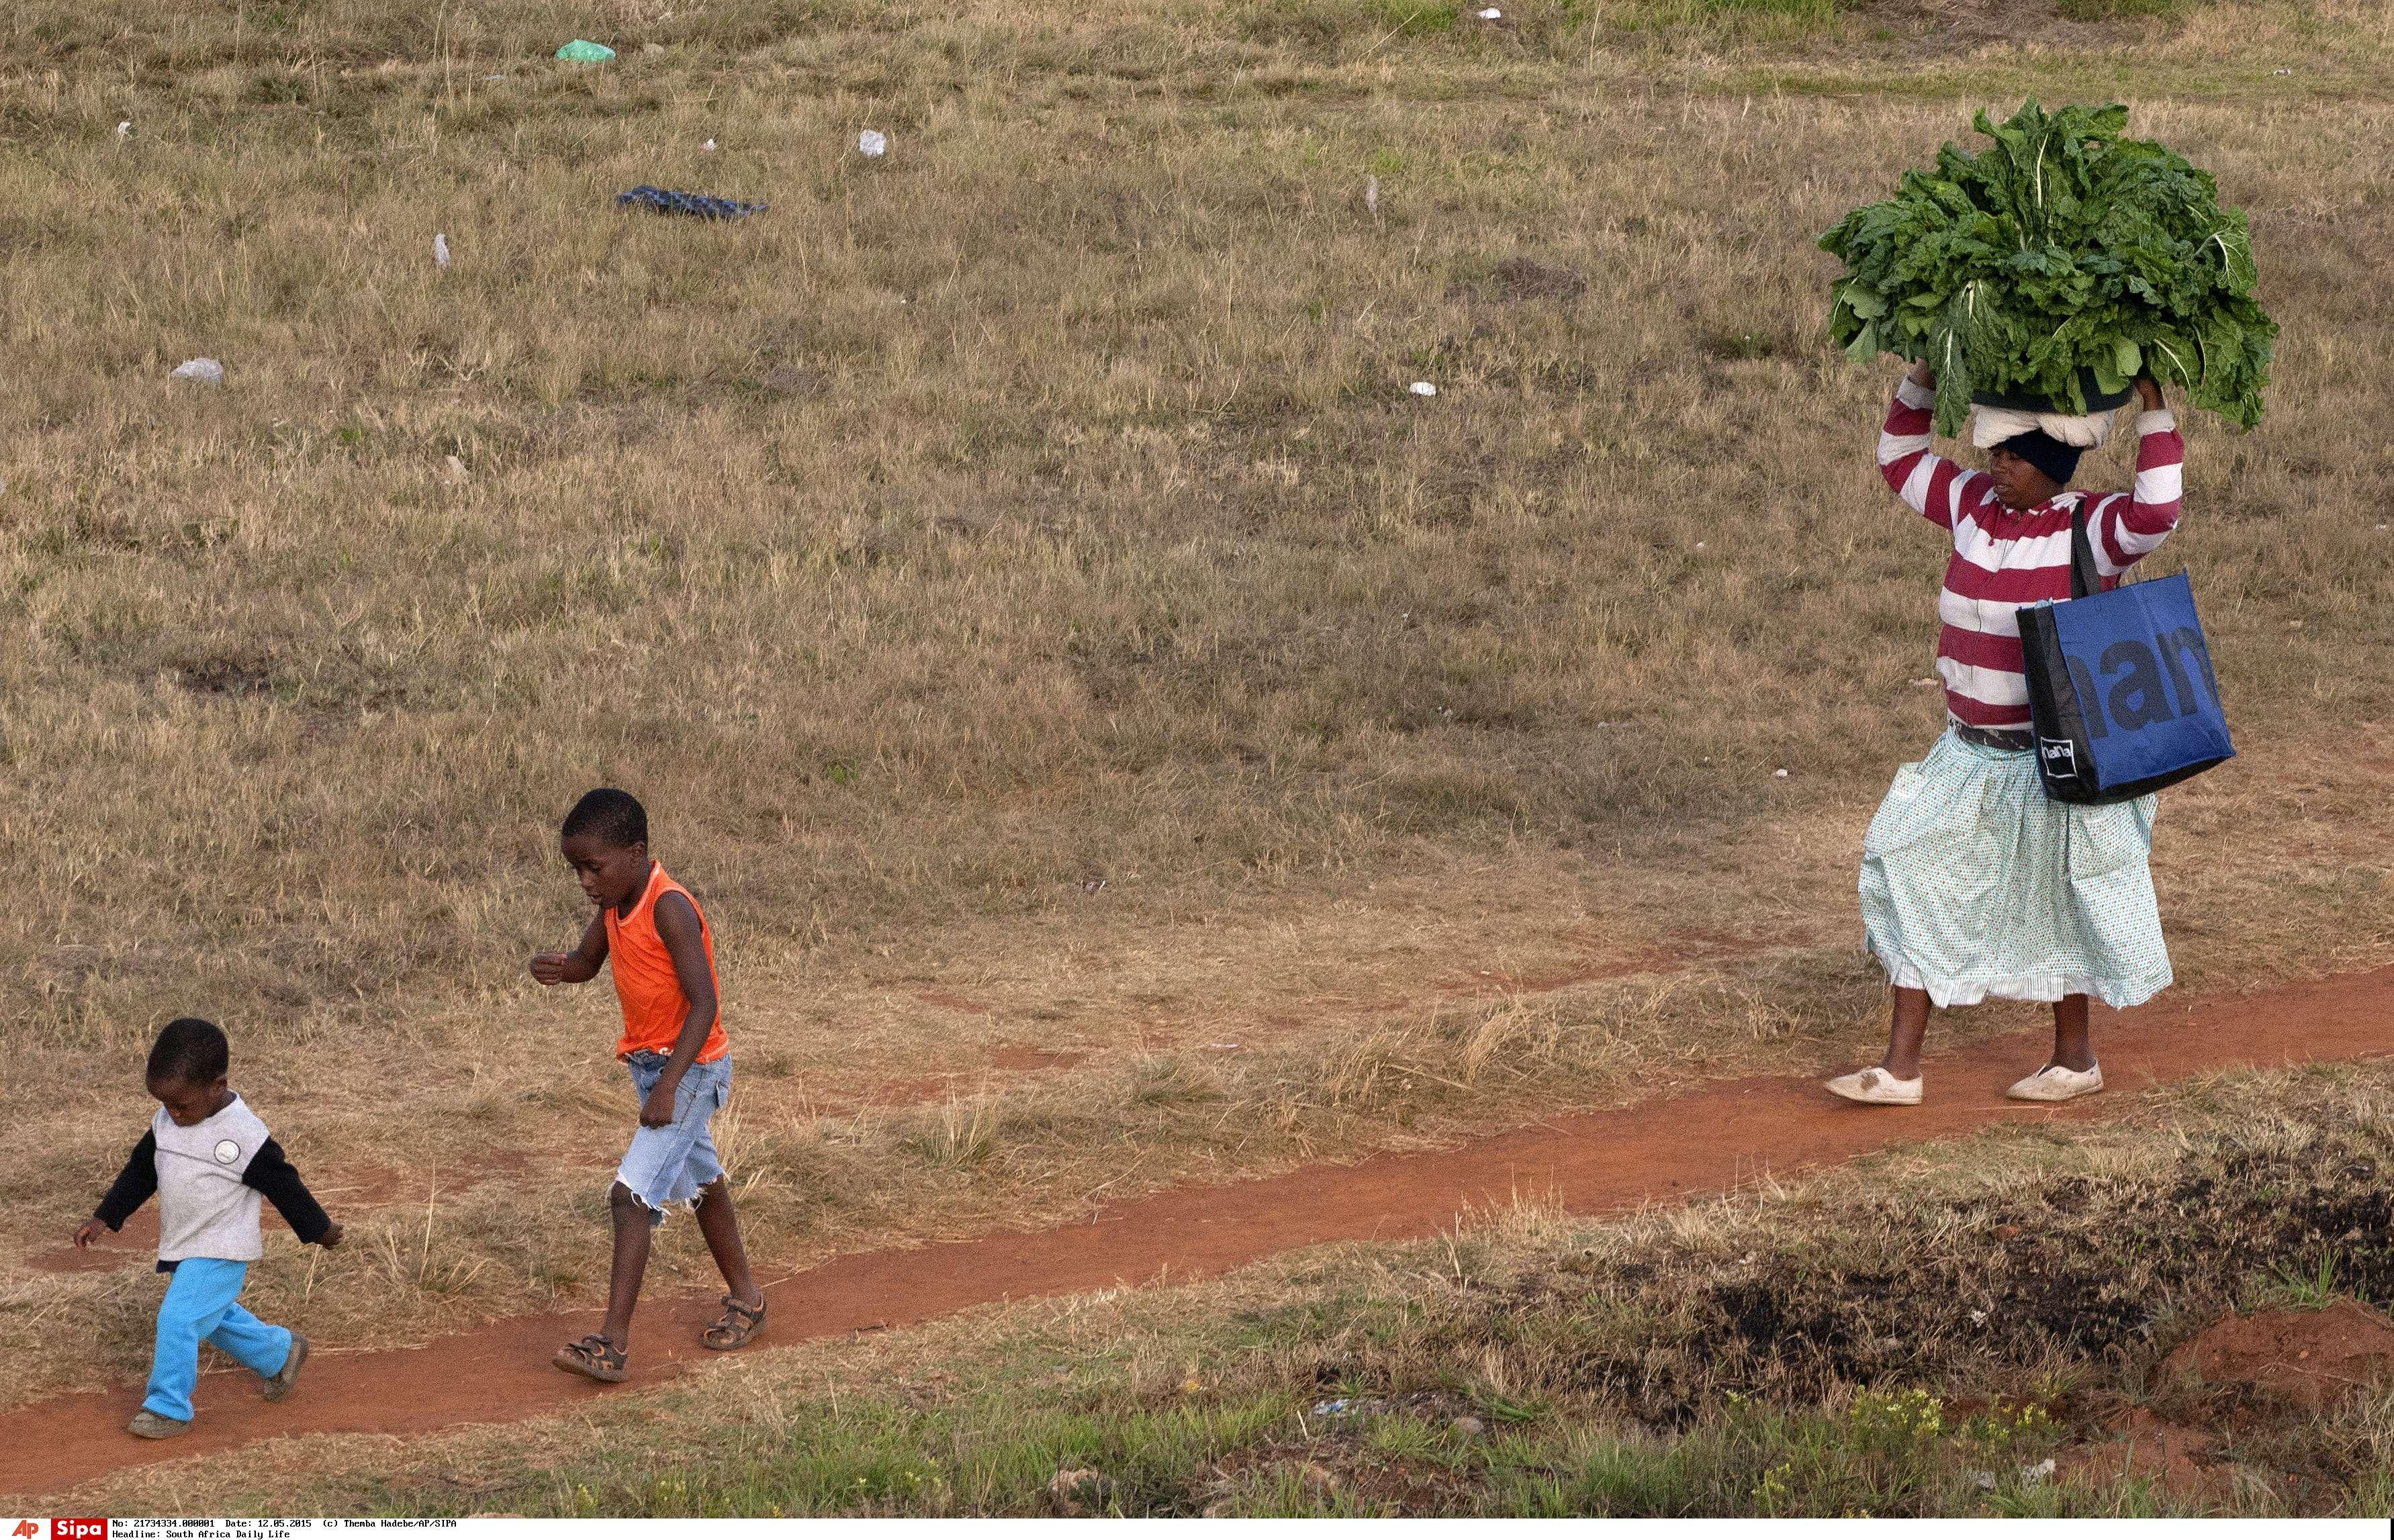 Des enfants montrent le chemin alors qu'une femme porte un grand panier d'épinards sur la tête, pour les vendre à la gare voisine de Kathlehong, à 35 km à l'est de Johannesburg, en Afrique du Sud, le mardi 12 mai 2015. Le Metrorail est un réseau de trains de banlieue dont les itinéraires s'étendent sur toute la province du Gauteng